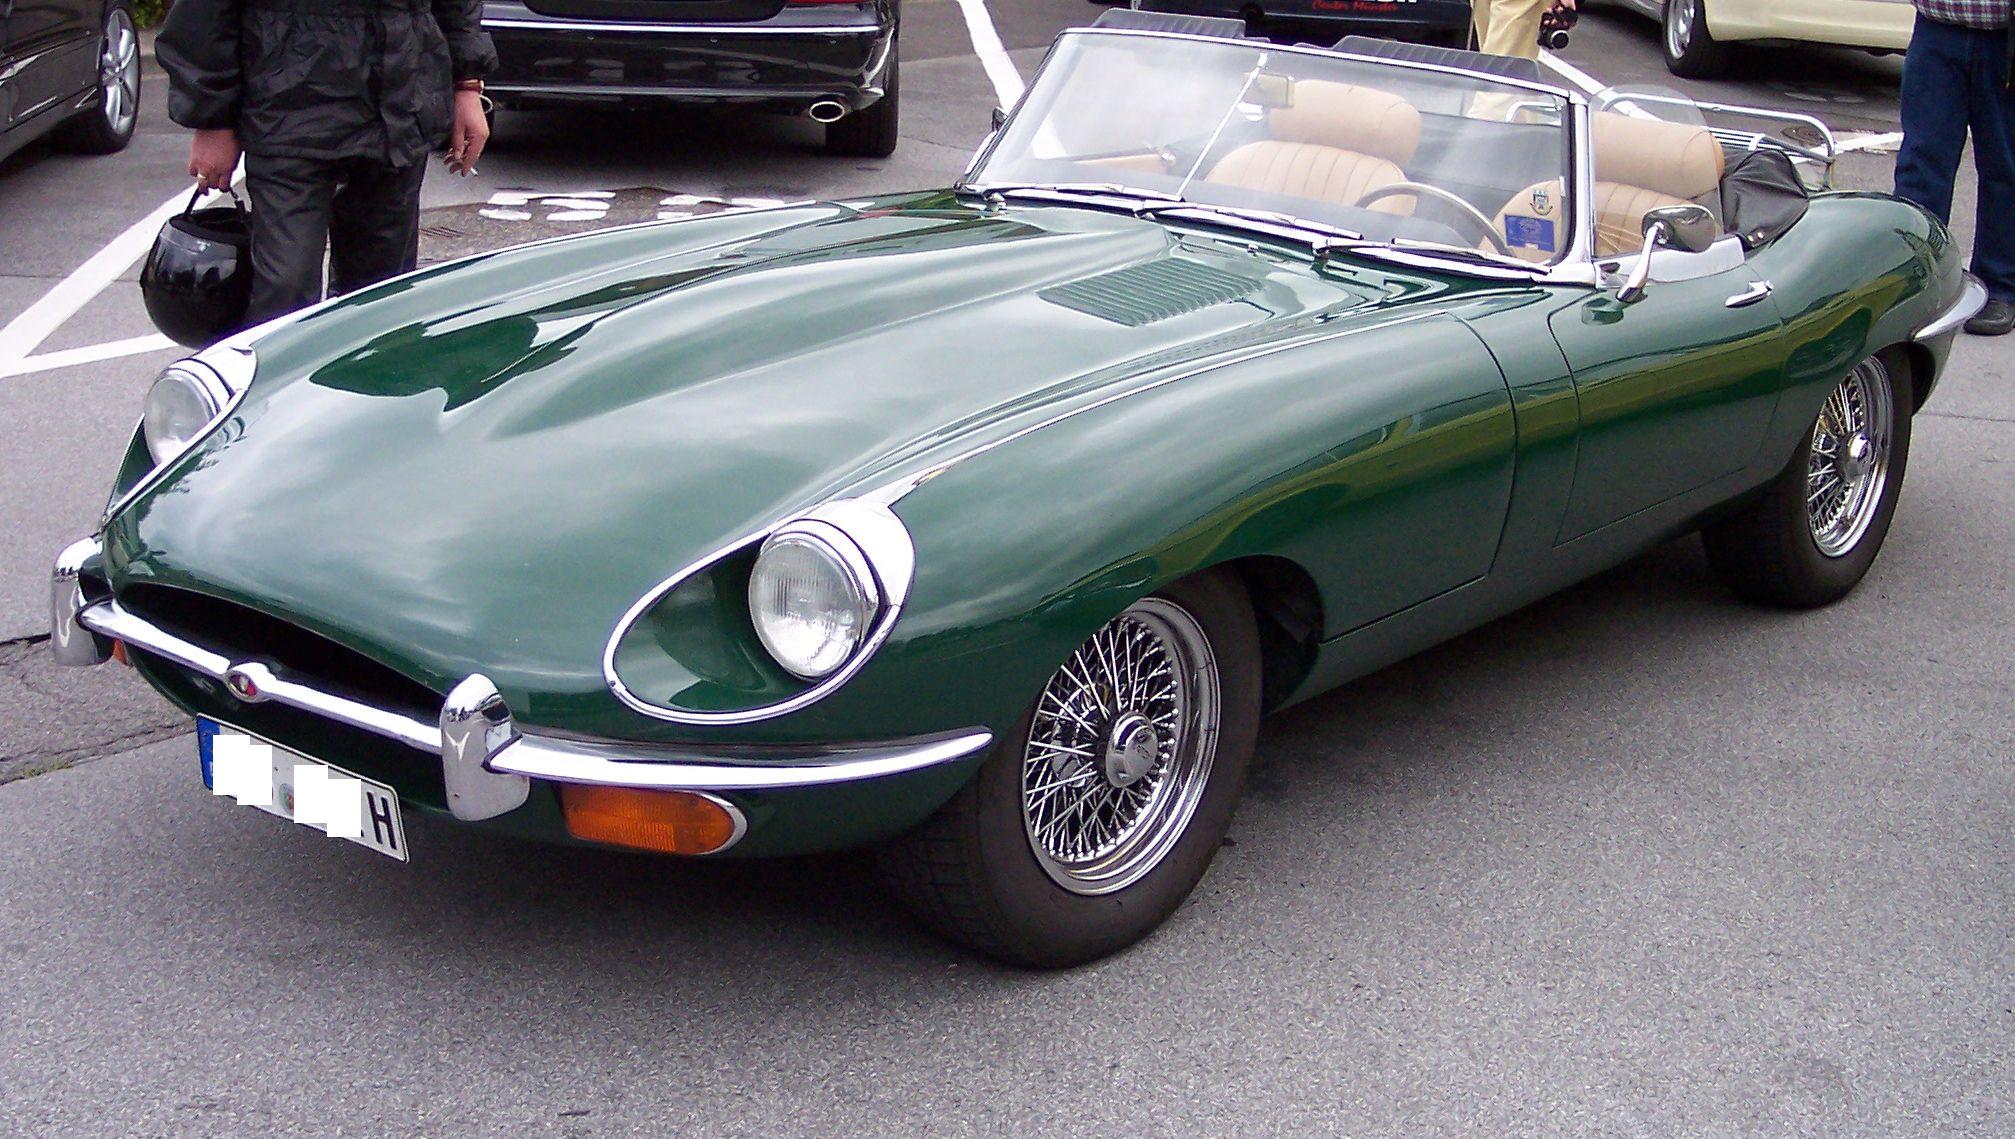 jaguar_e-type_4-2_coupe_green_vl